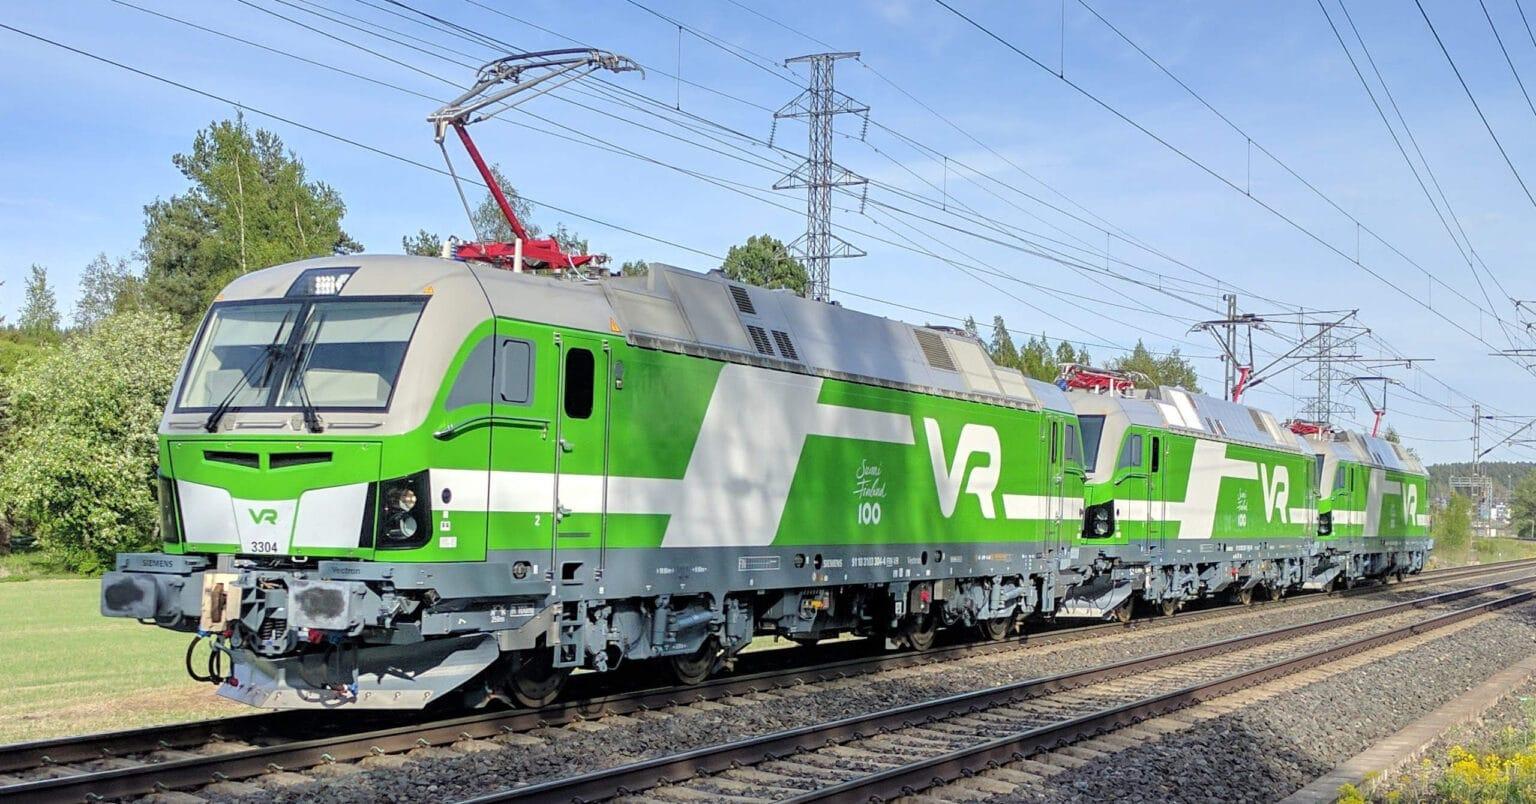 Triple composición de Siemens Vectron de la operadora finlandesa VR. PETJATO.